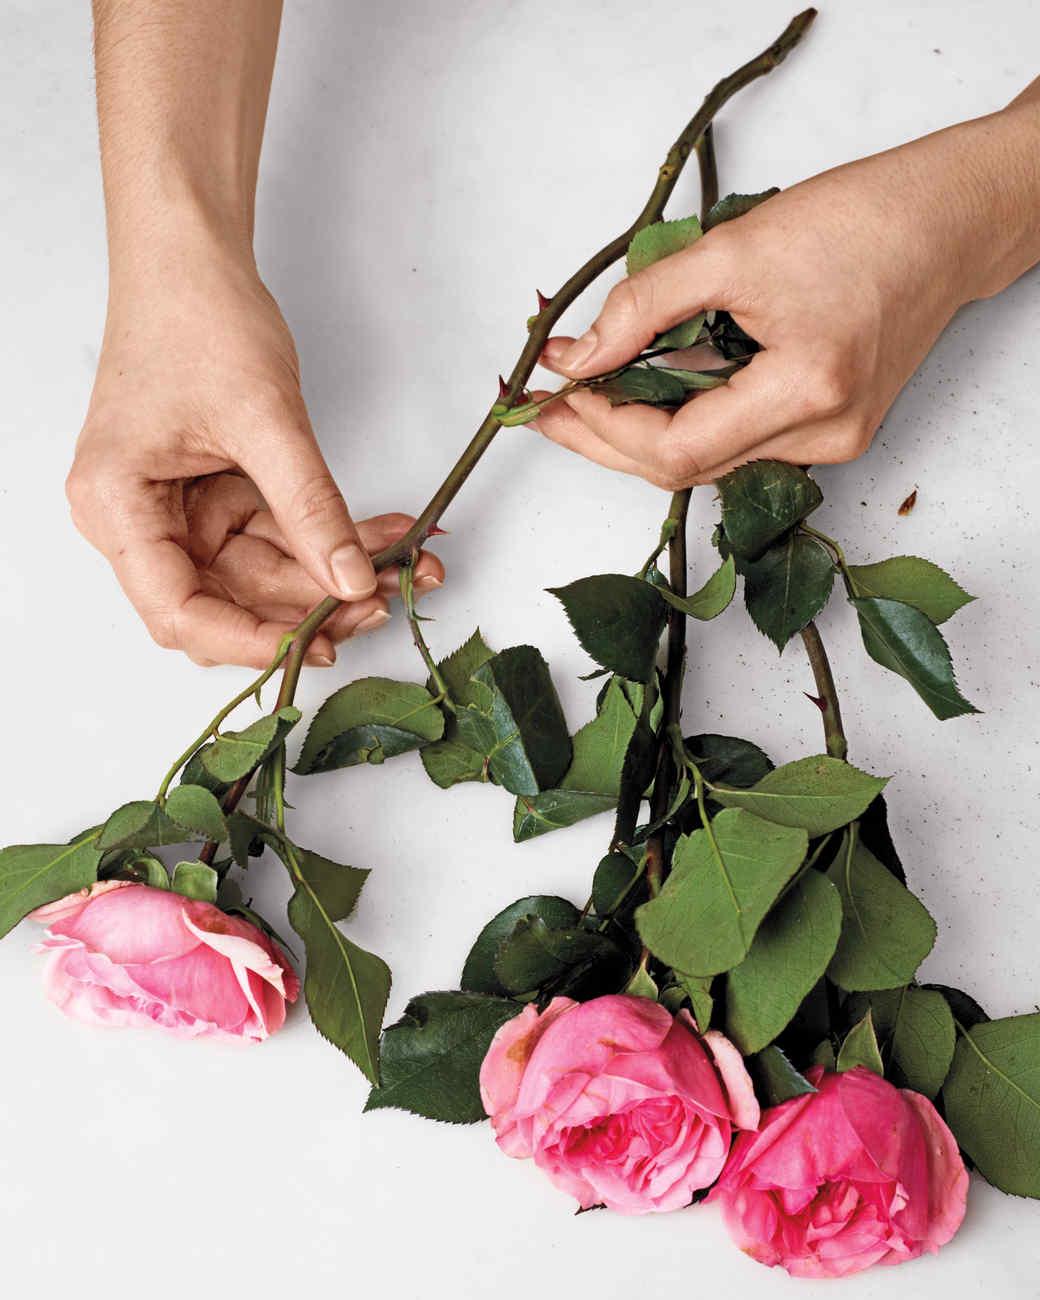 how-to-flower-arrangement-v4-42-d111001.jpg